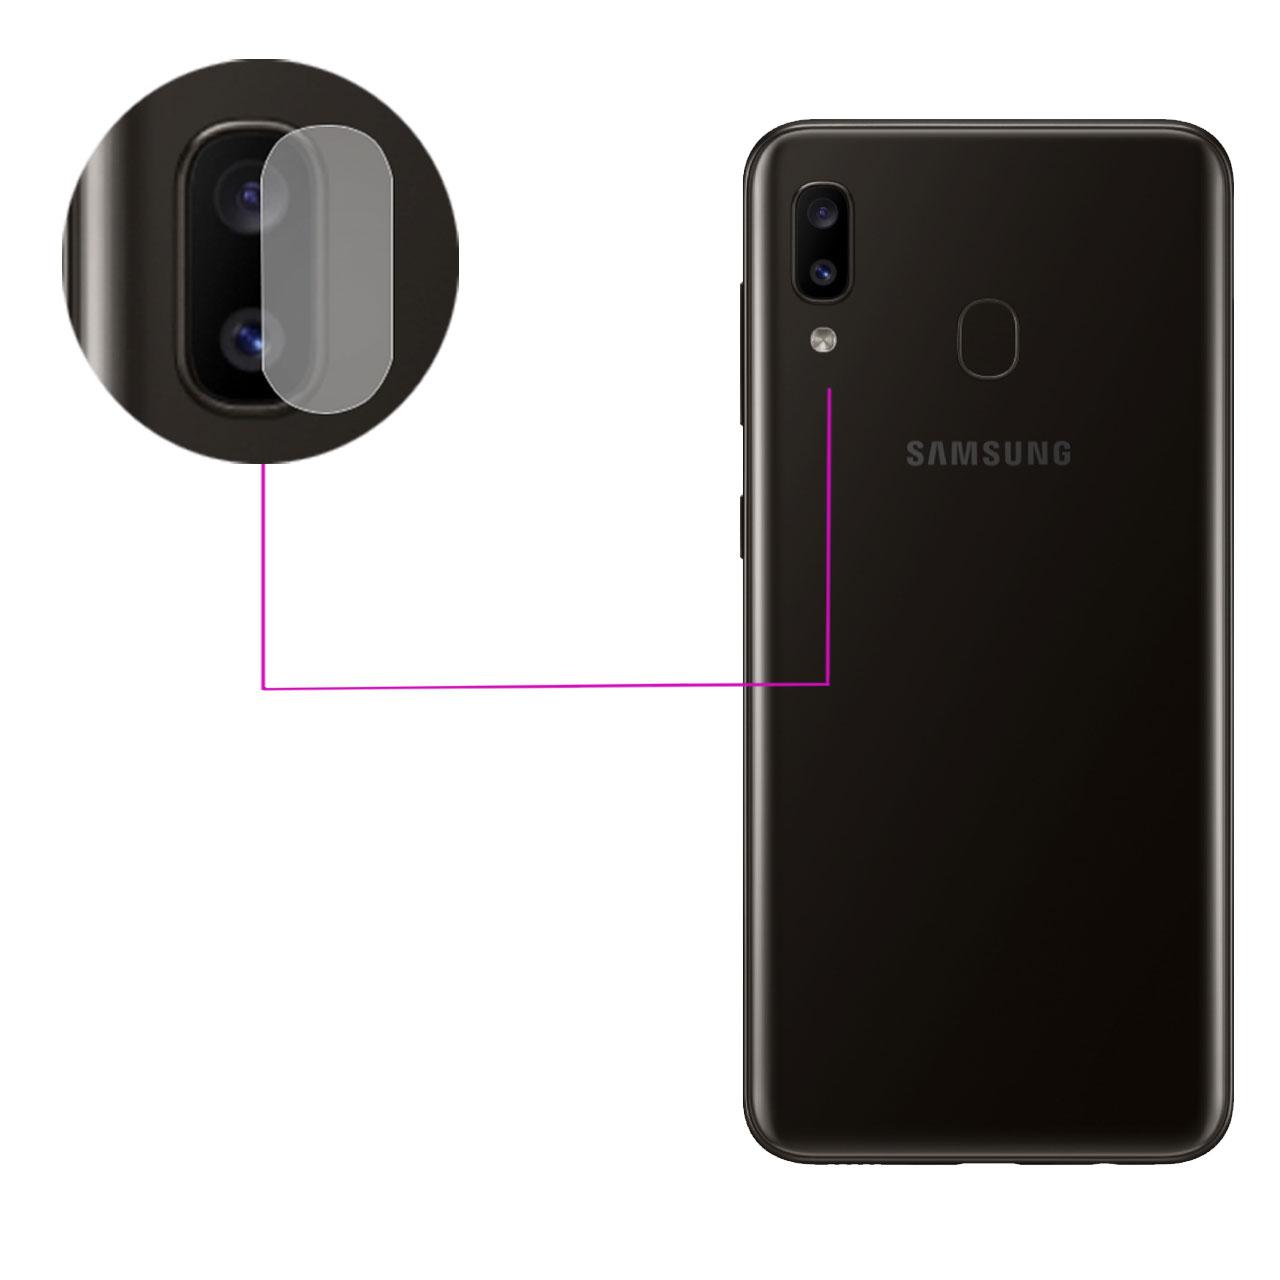 محافظ لنز دوربین مدل LTP مناسب برای گوشی موبایل سامسونگ Galaxy A20              ( قیمت و خرید)